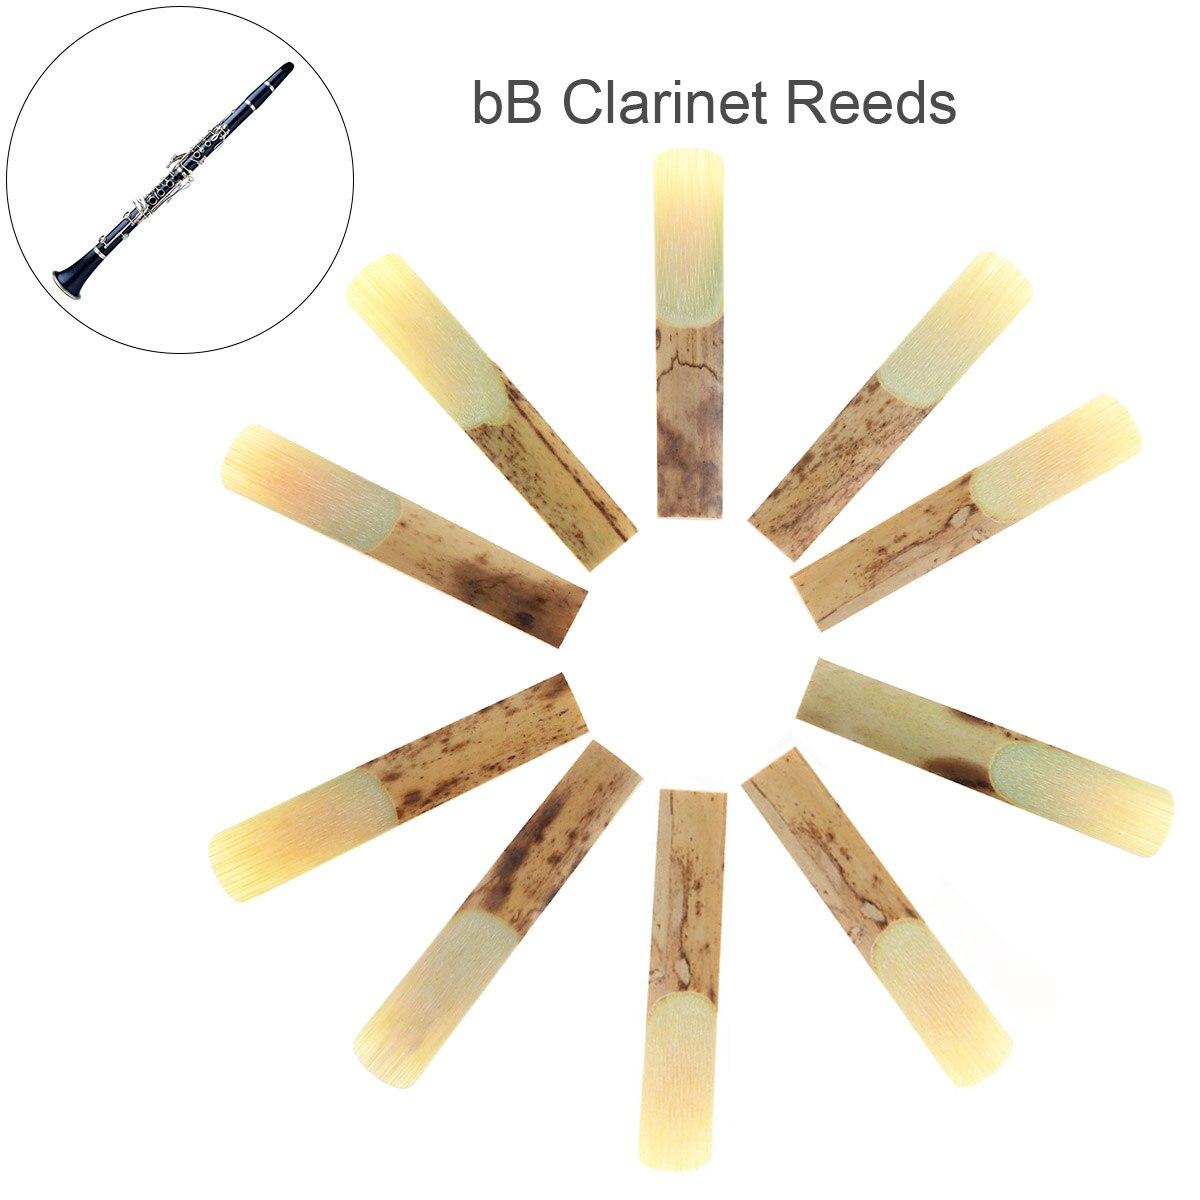 10 unids/lote profesional de lengüetas de clarinete bB fuerza 2,5 para clarinete boquilla piezas de bambú tradicional Reed